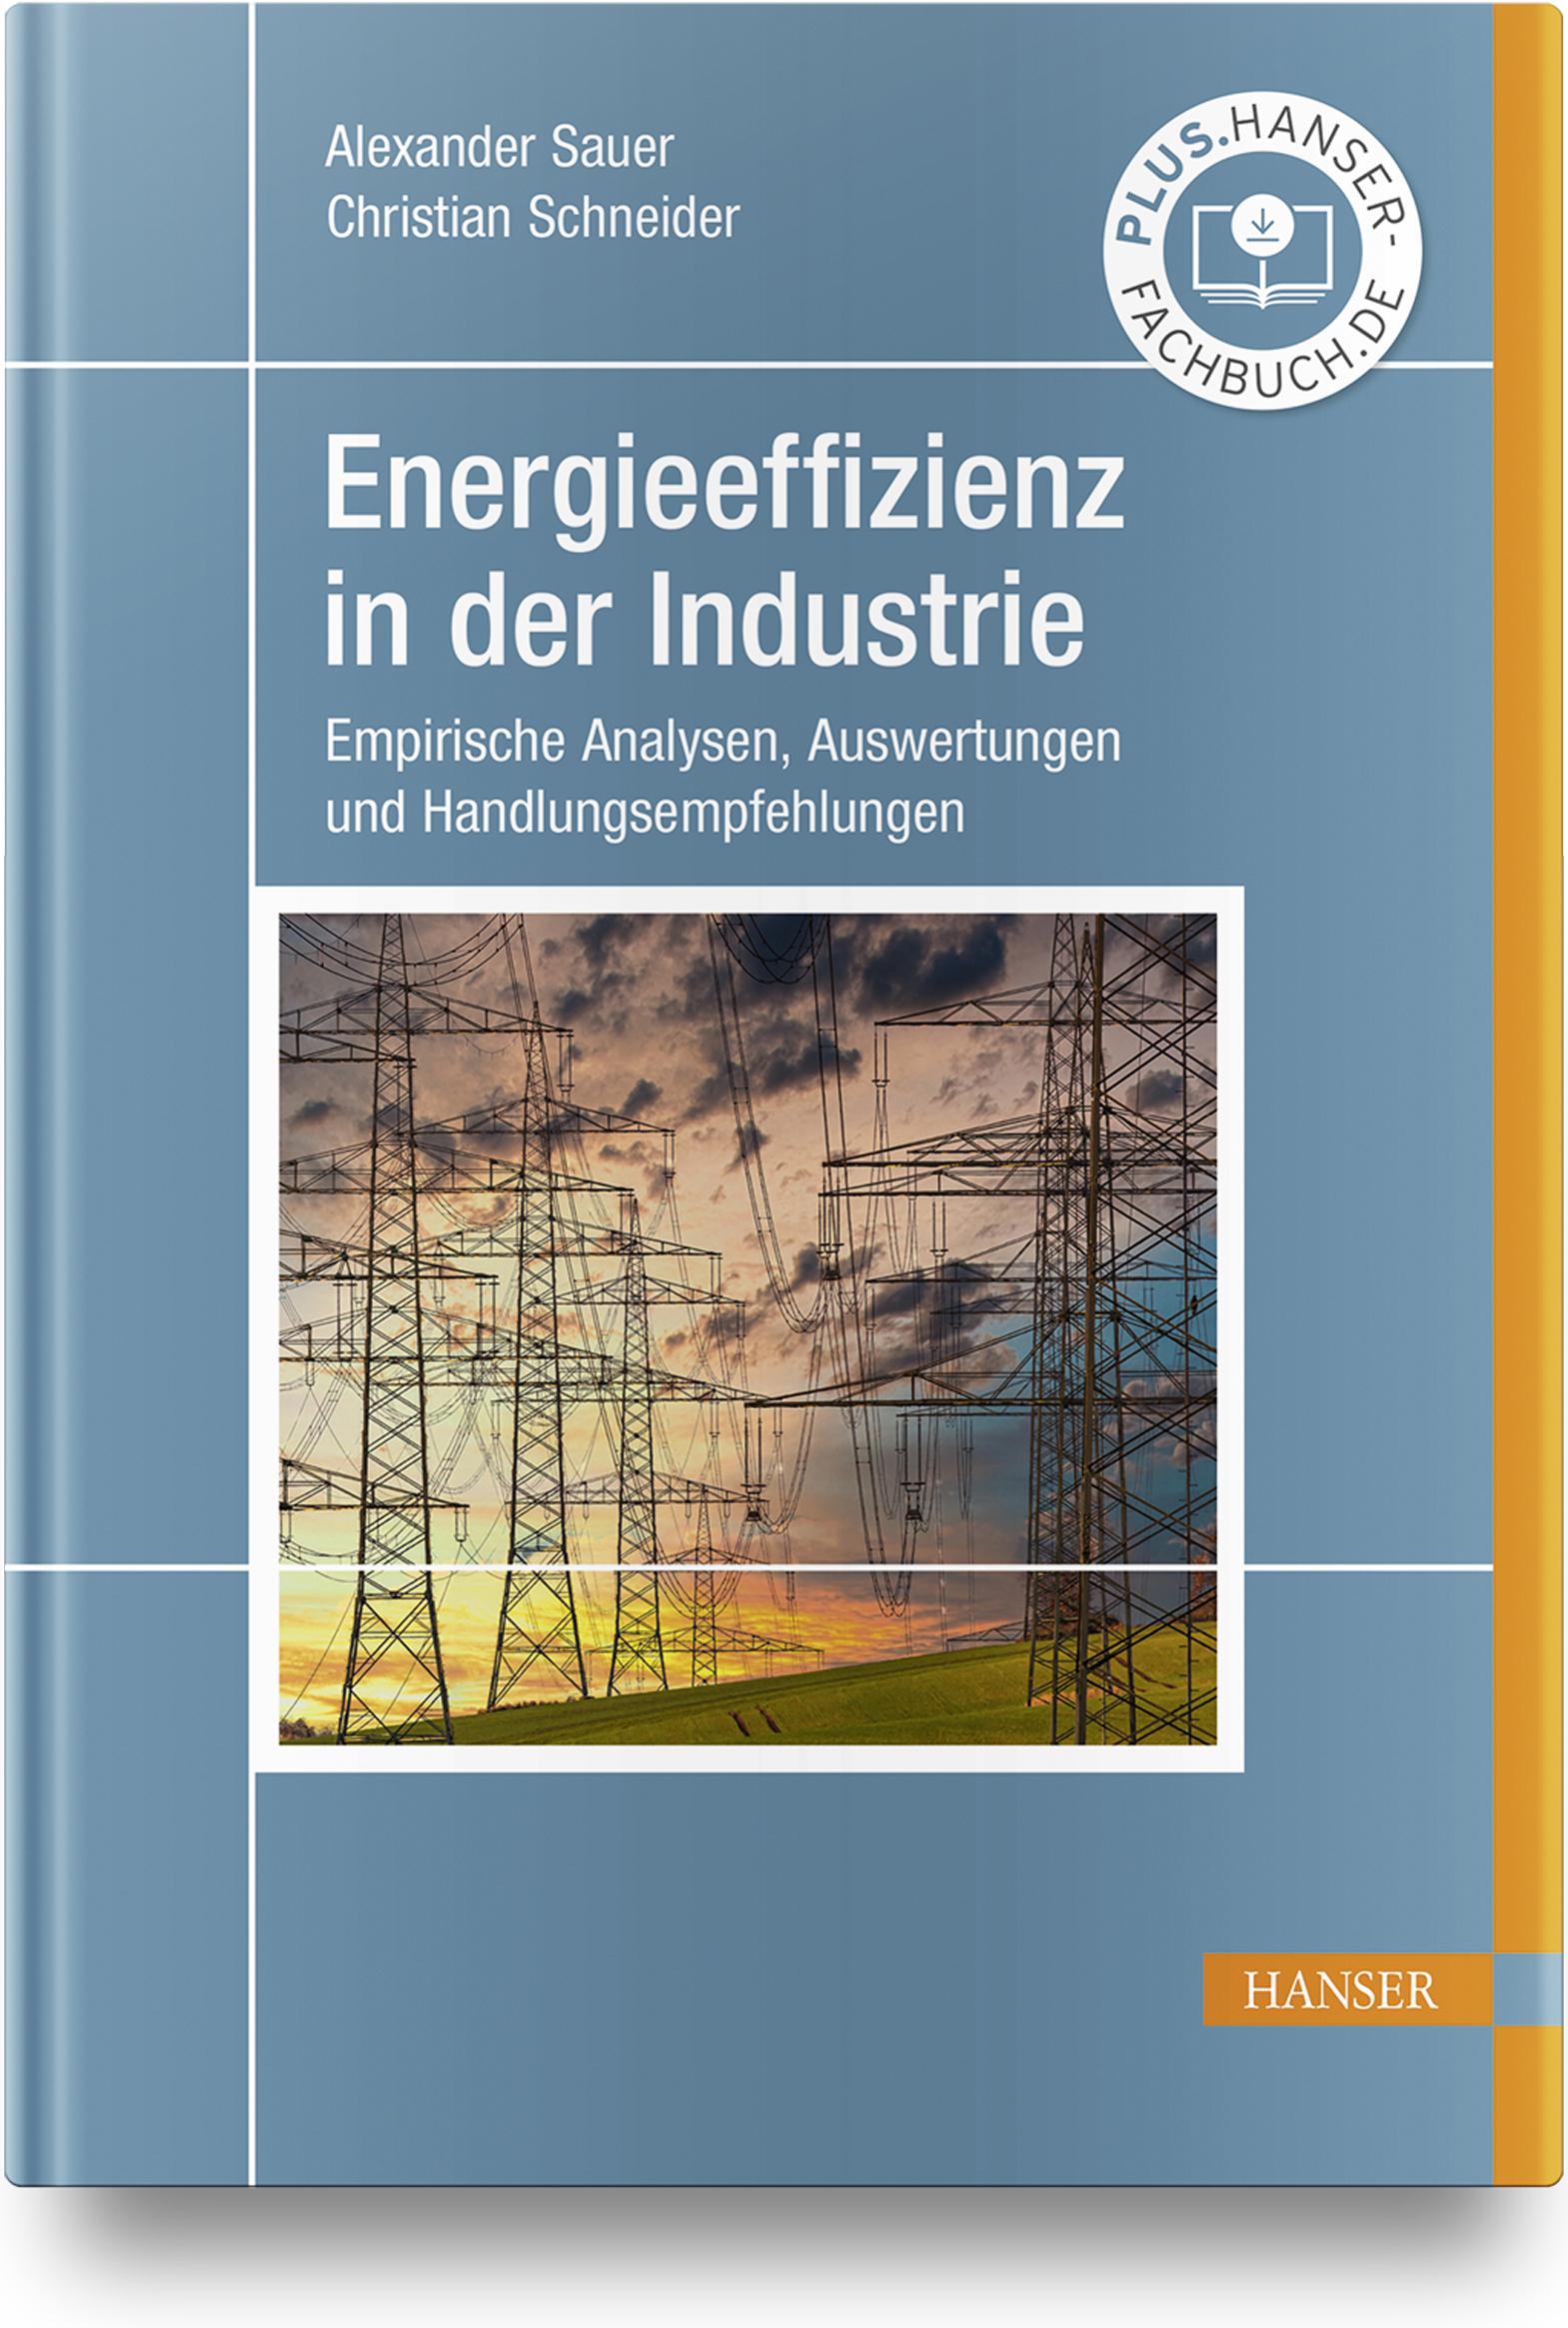 Sauer, Schneider, Energieeffizienz in der Industrie, 978-3-446-46650-0